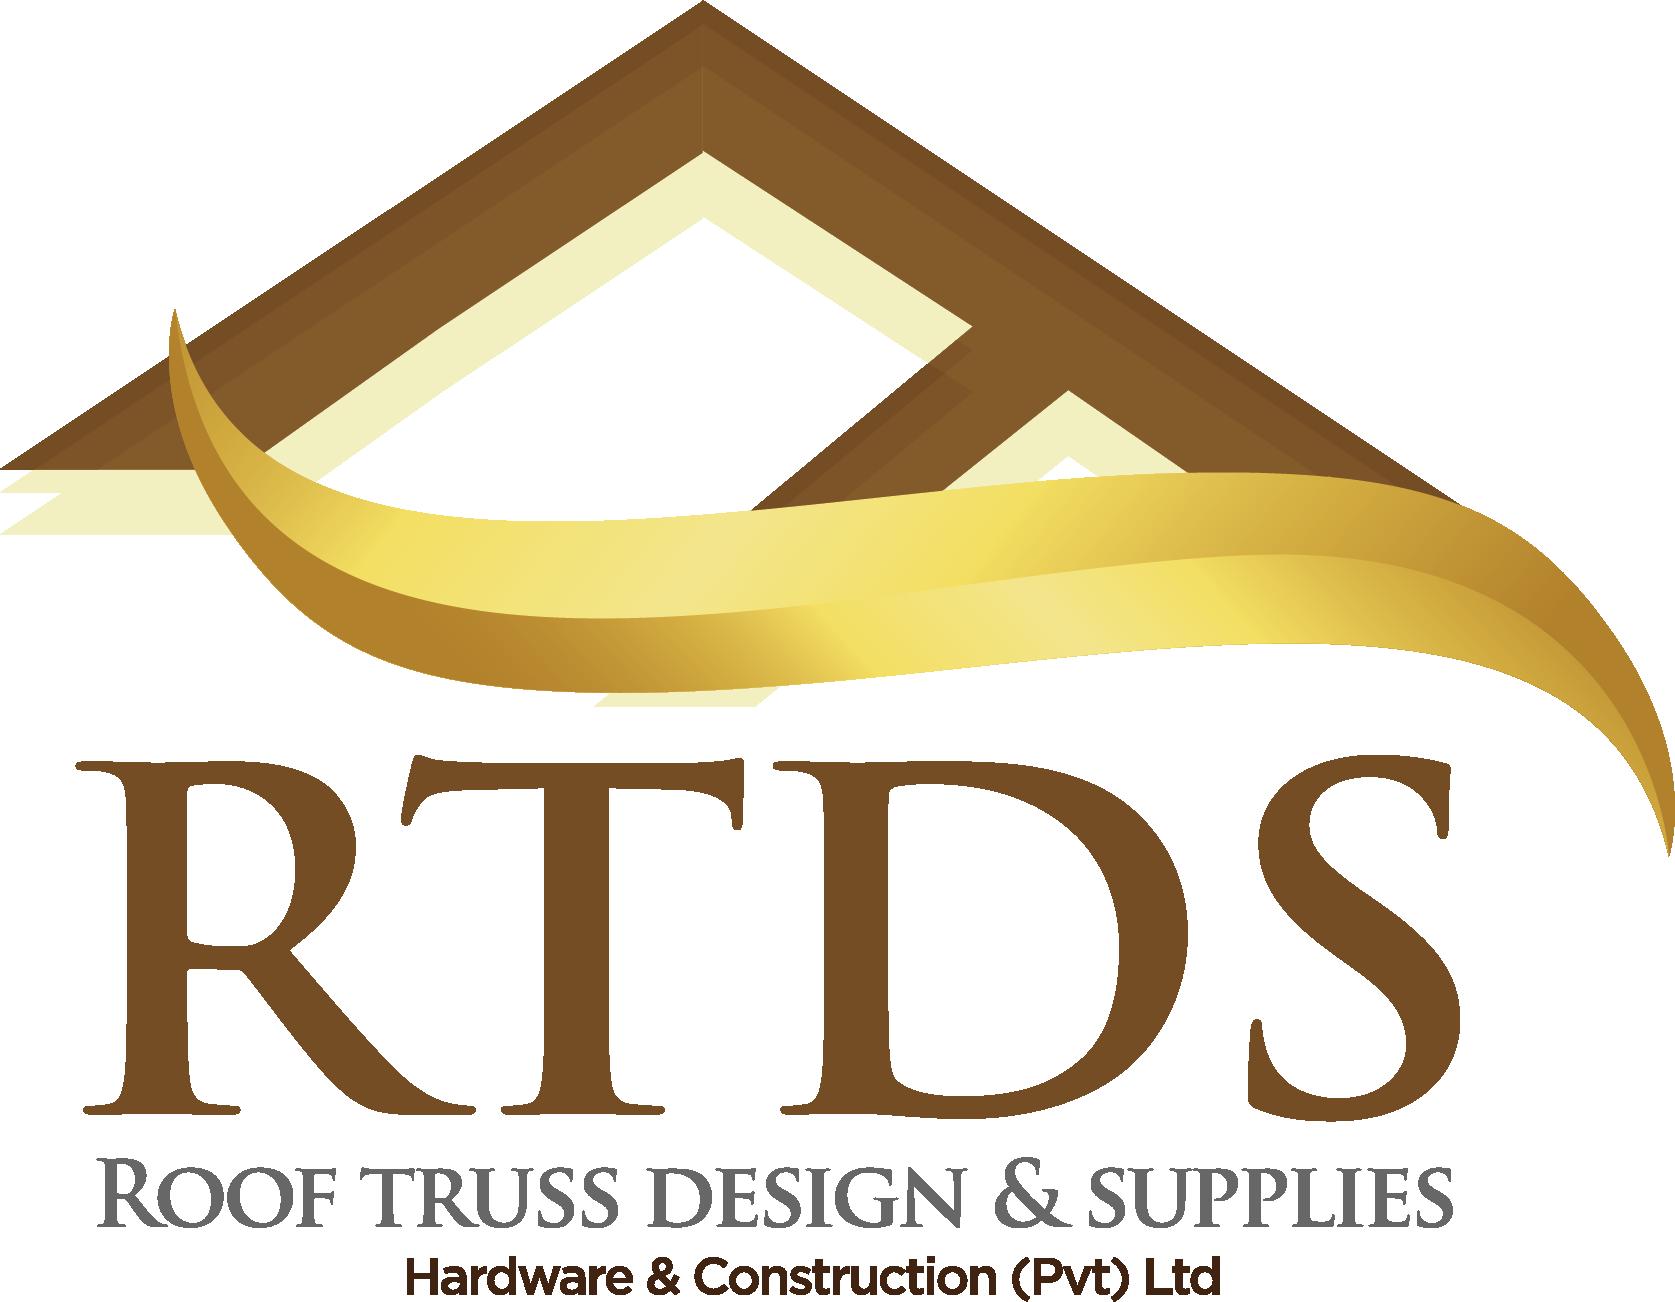 Roof Truss Design & Supplies